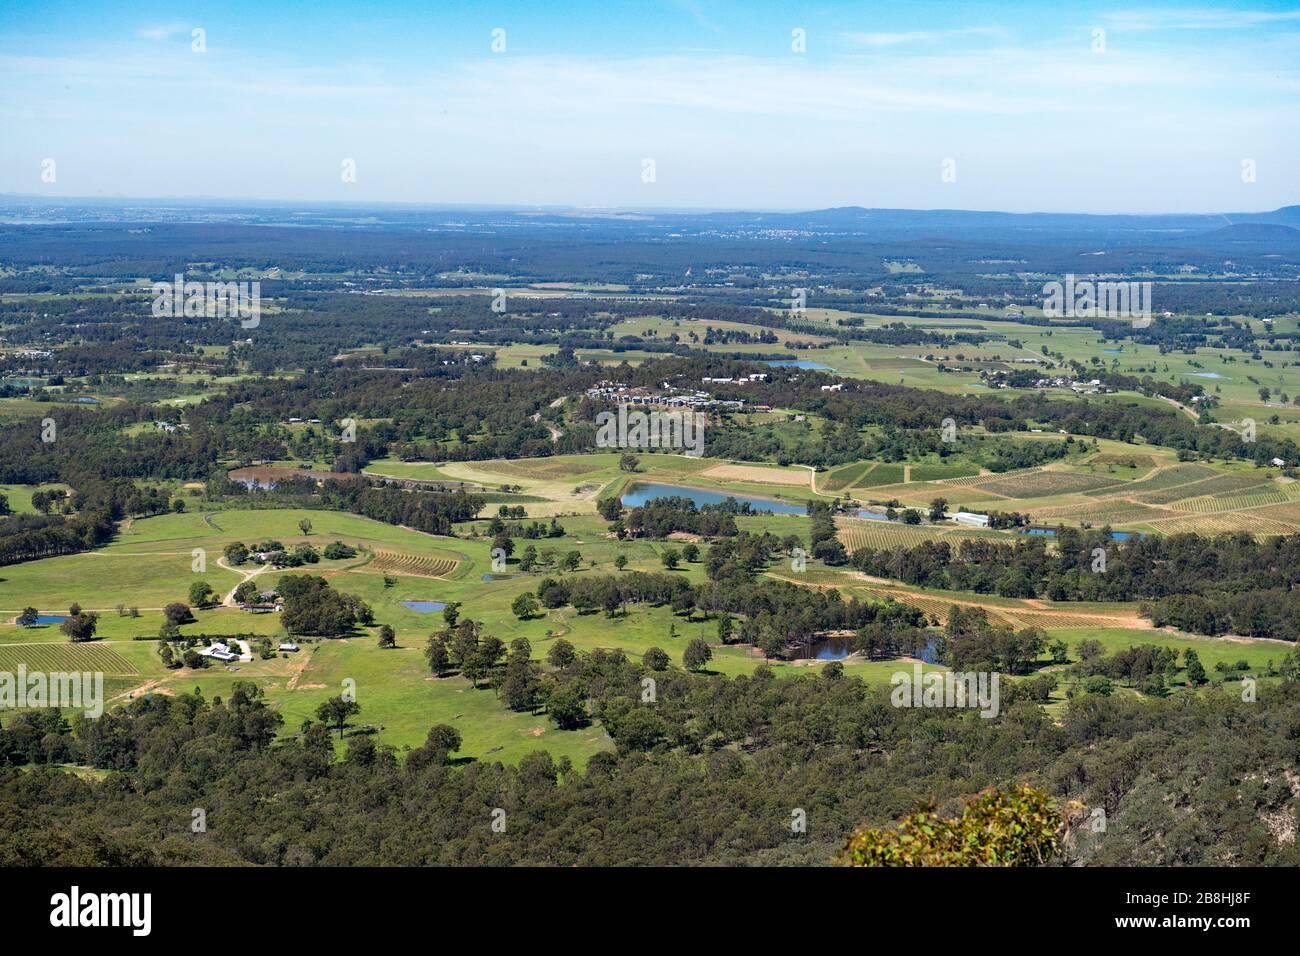 19 marzo 2020 - Foresta di Stato di Pokolbin, nuovo Galles del Sud, Australia: Vista della foresta di Stato di Pokolbin che si affaccia sulla regione della Hunter Valley nel nuovo Galles del Sud. Foto Stock